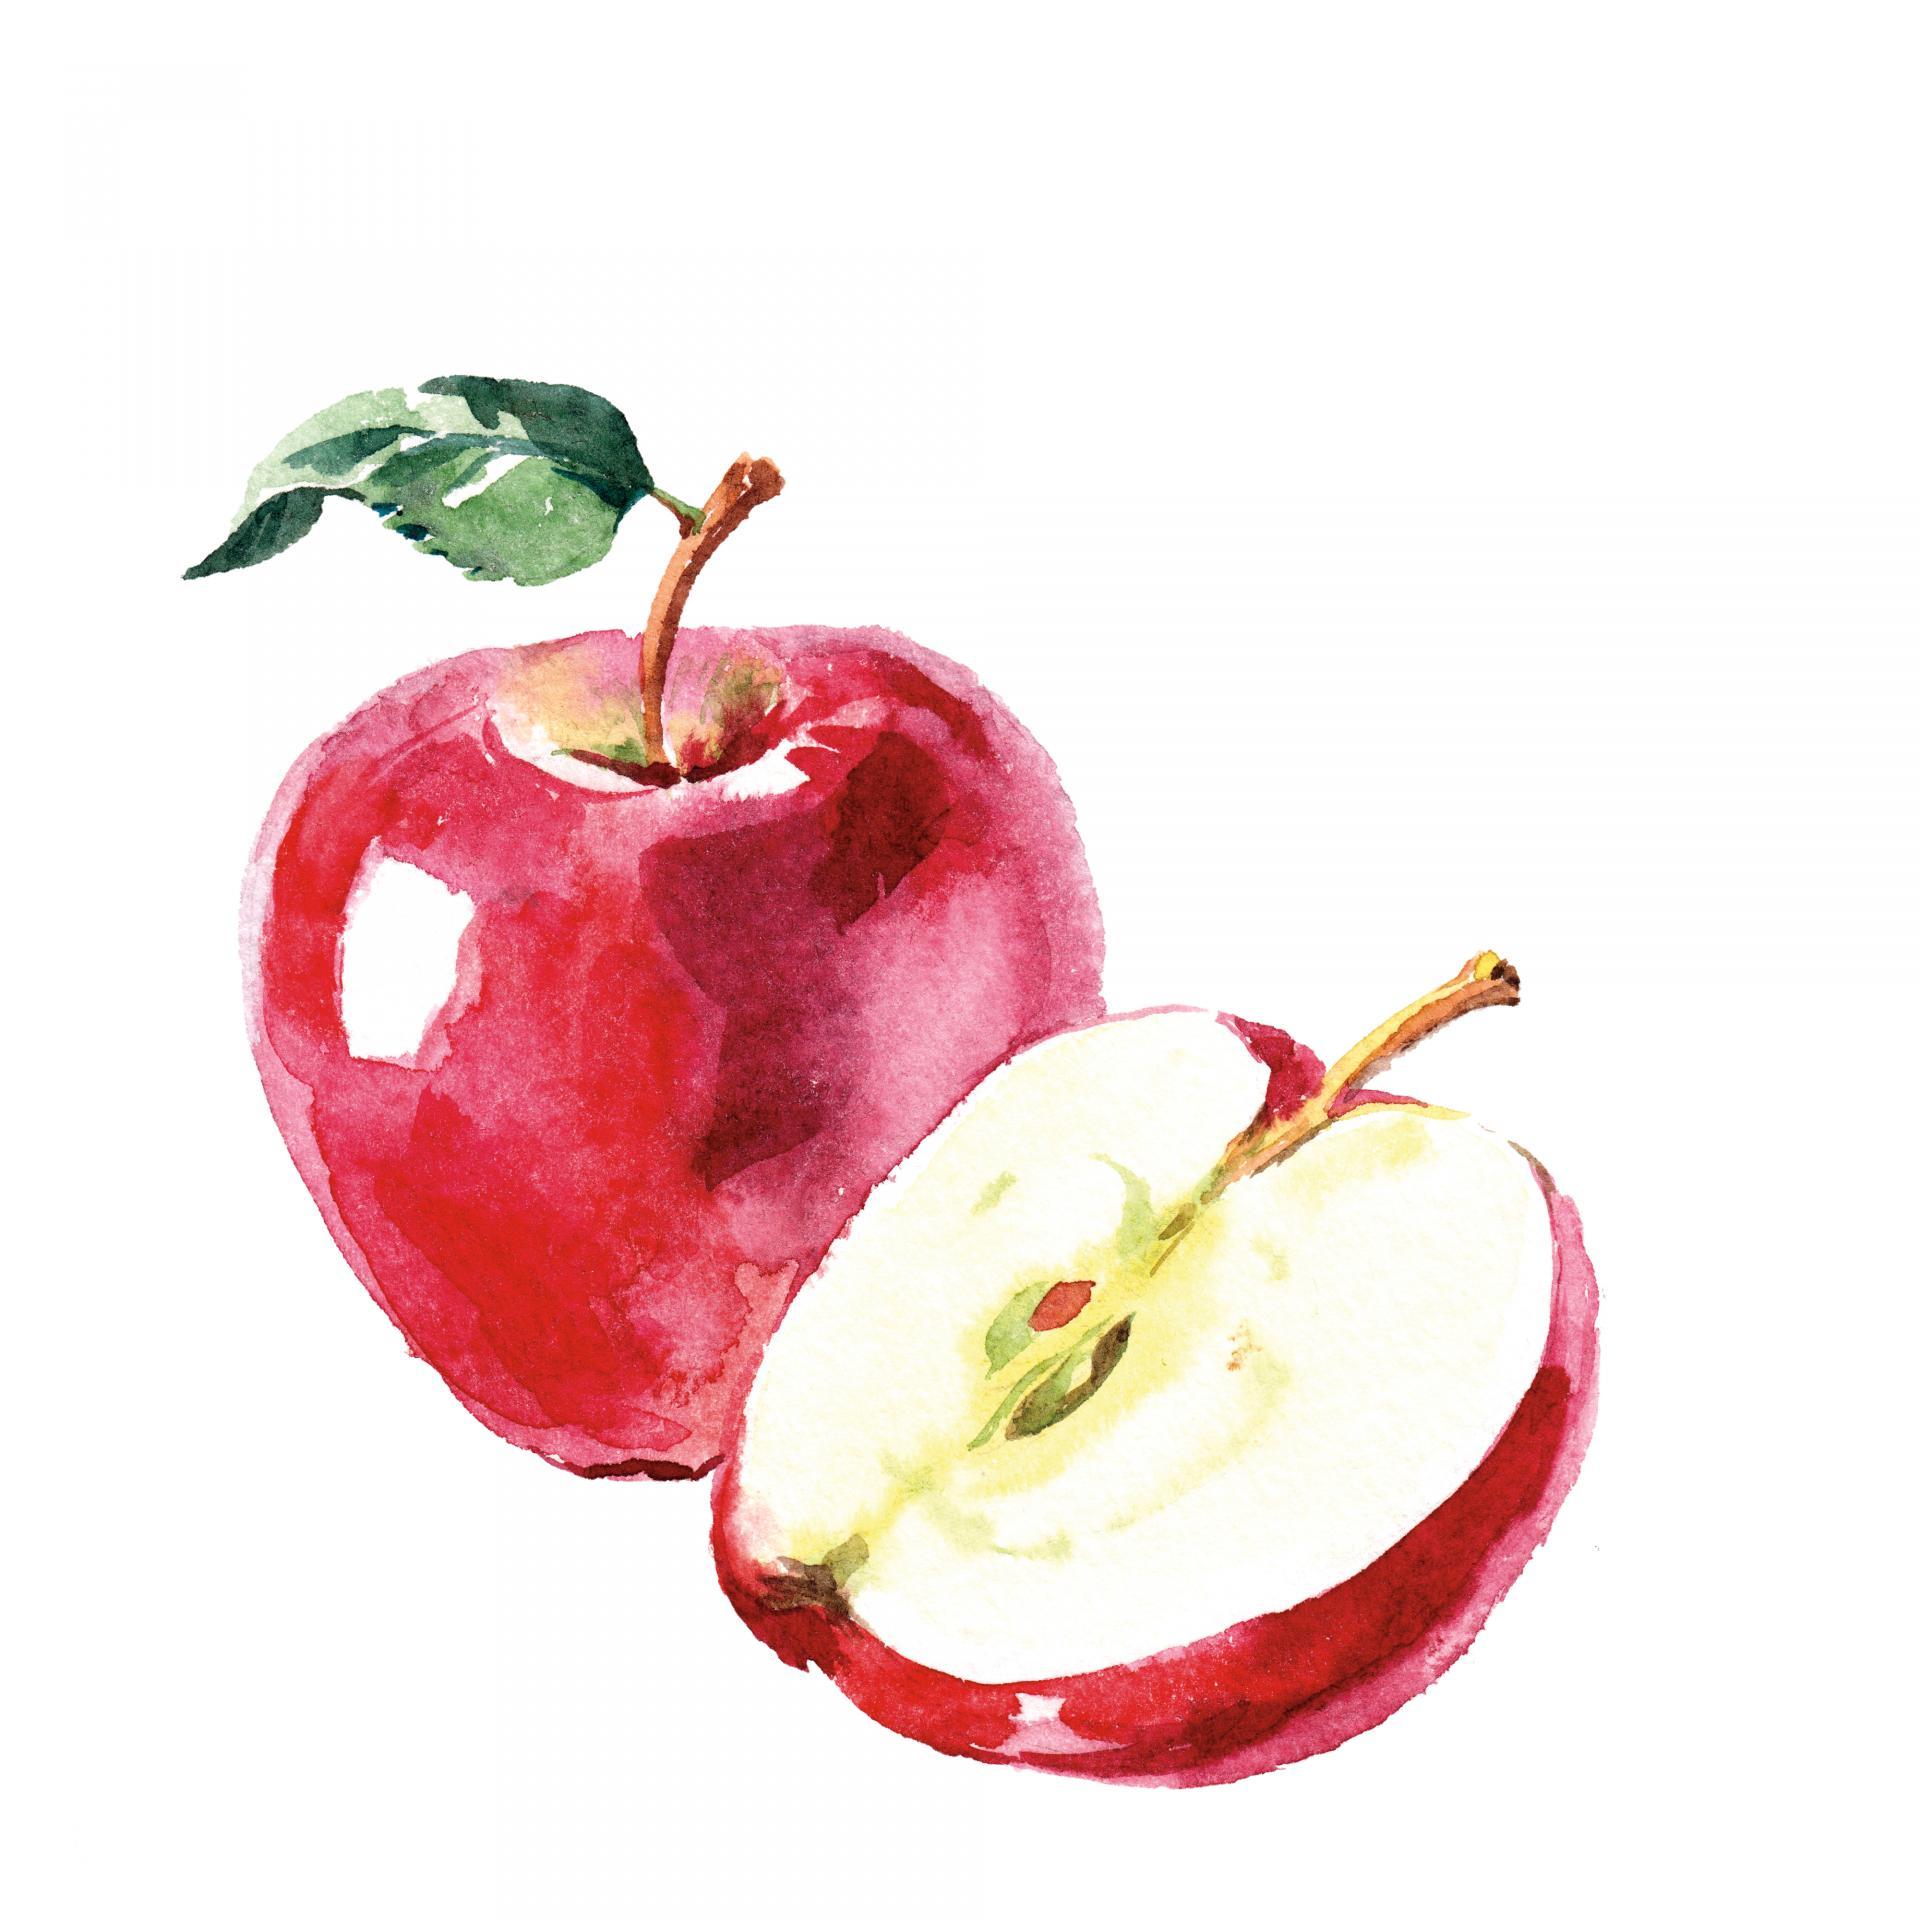 Illustration: Pim/Shutterstock.com